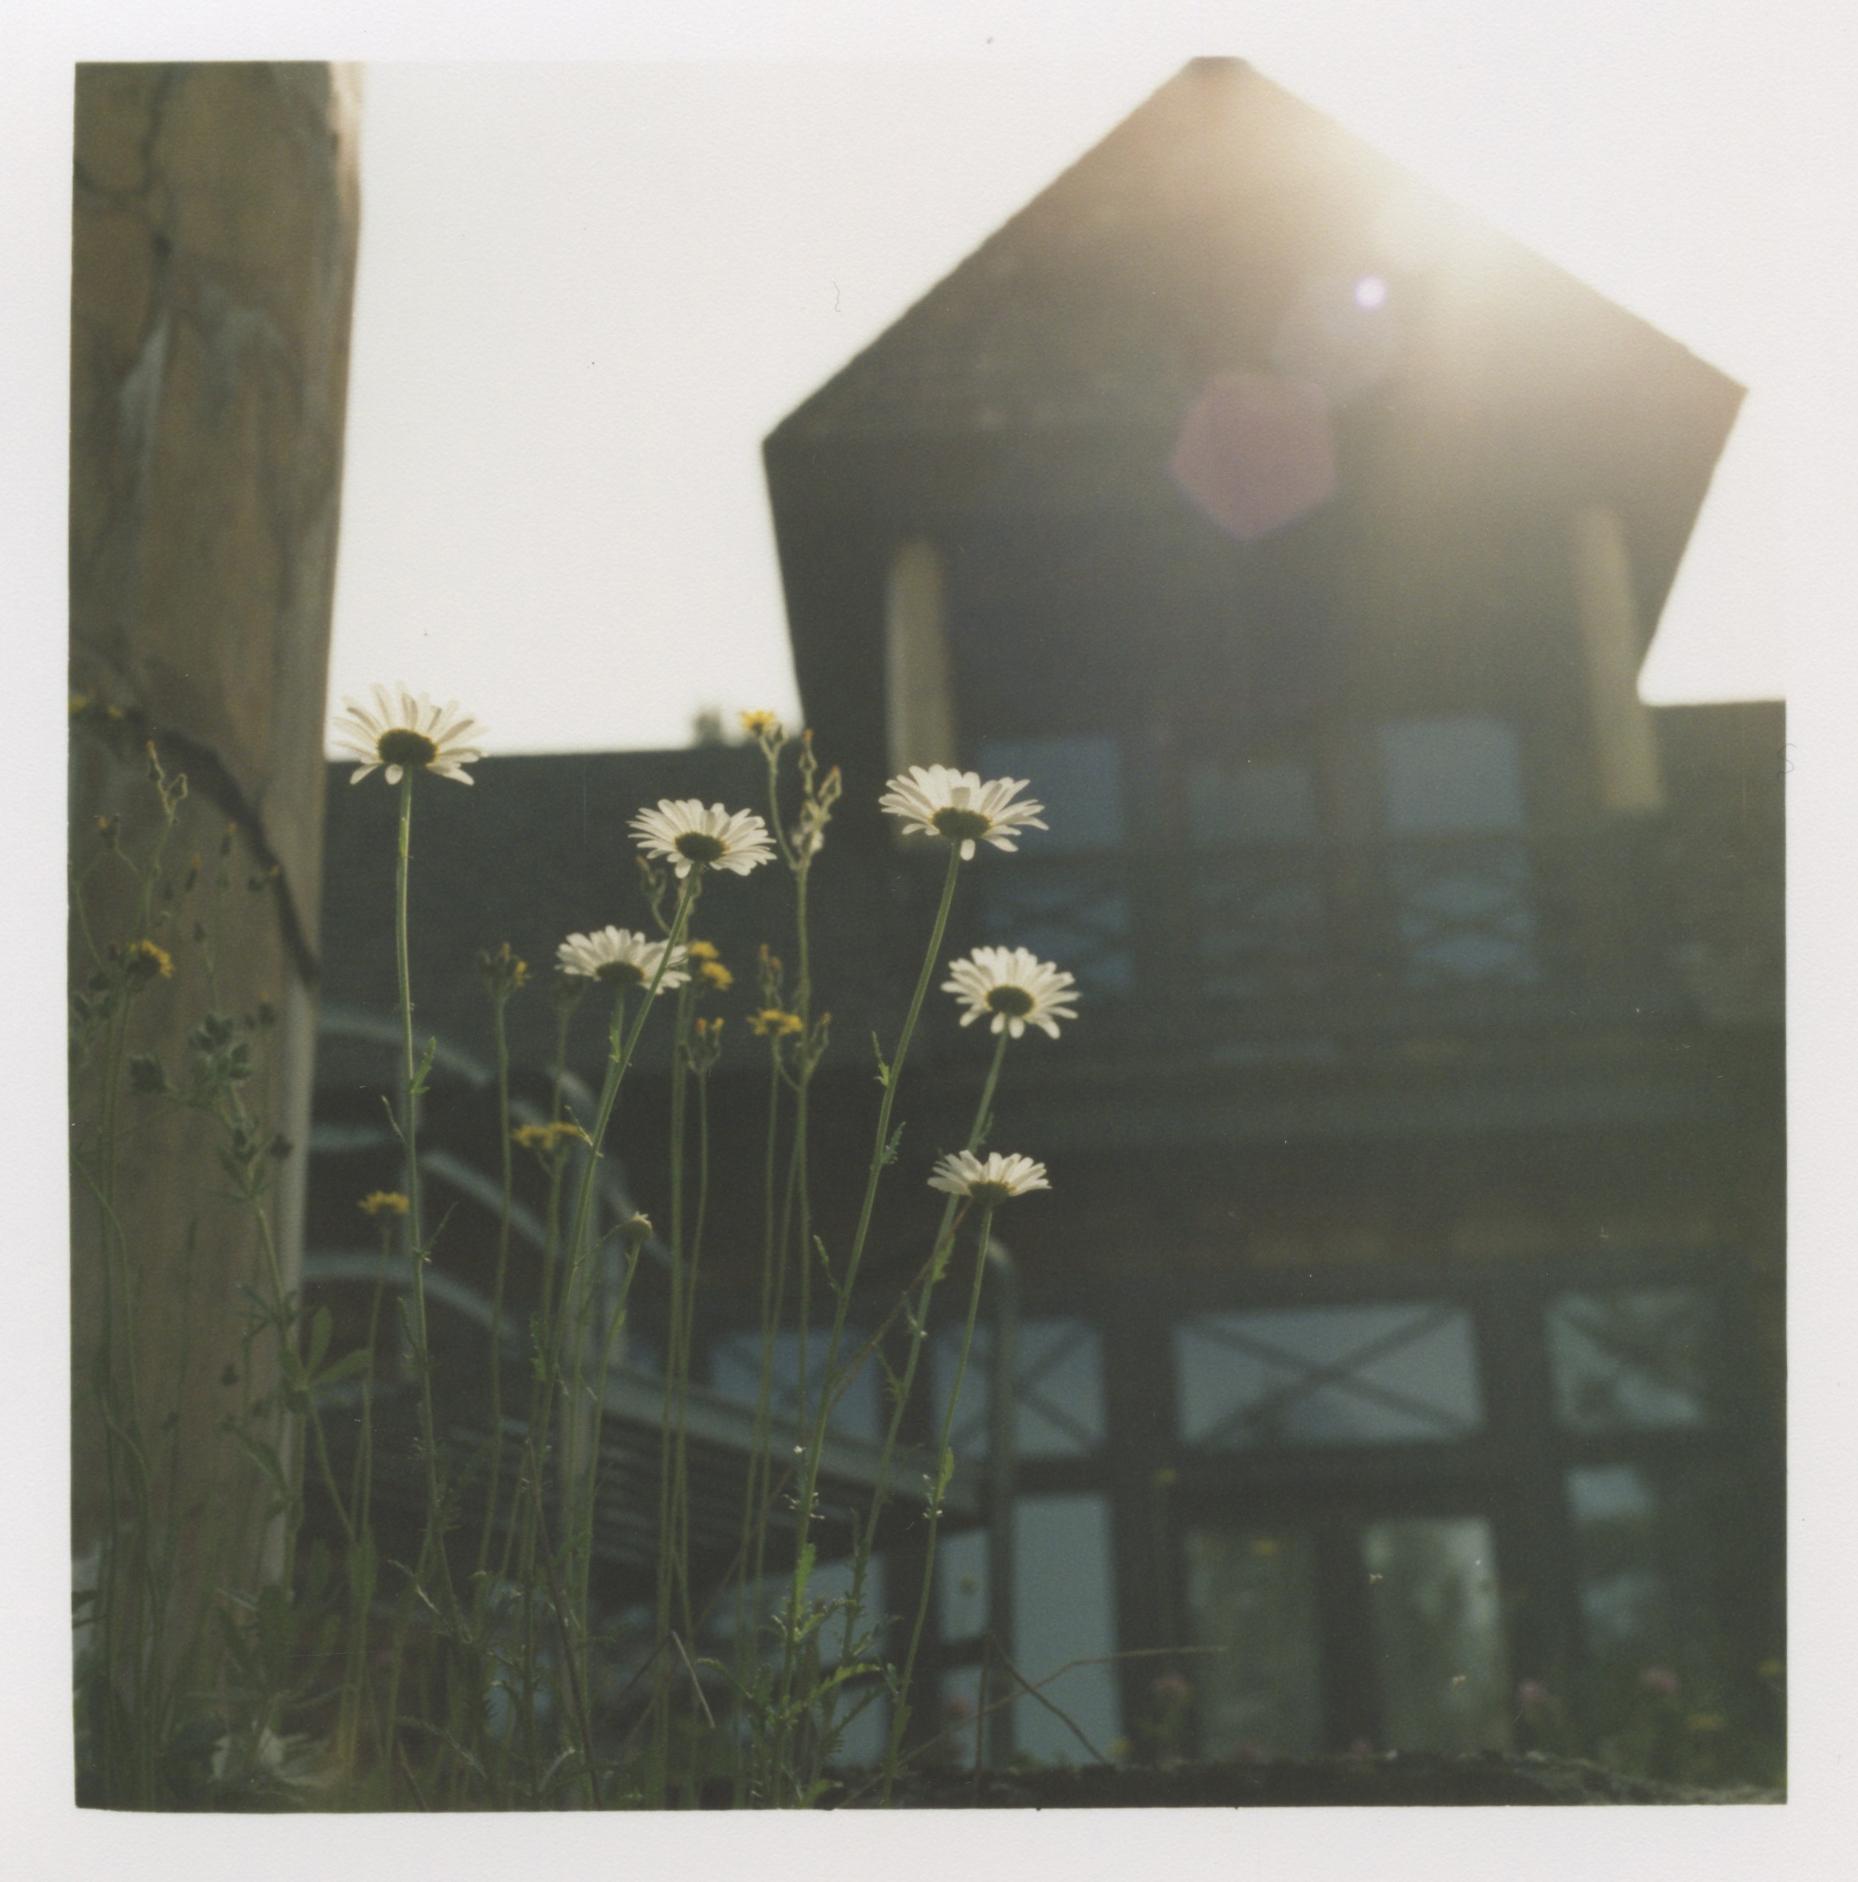 Flowersatfourwinds.jpg